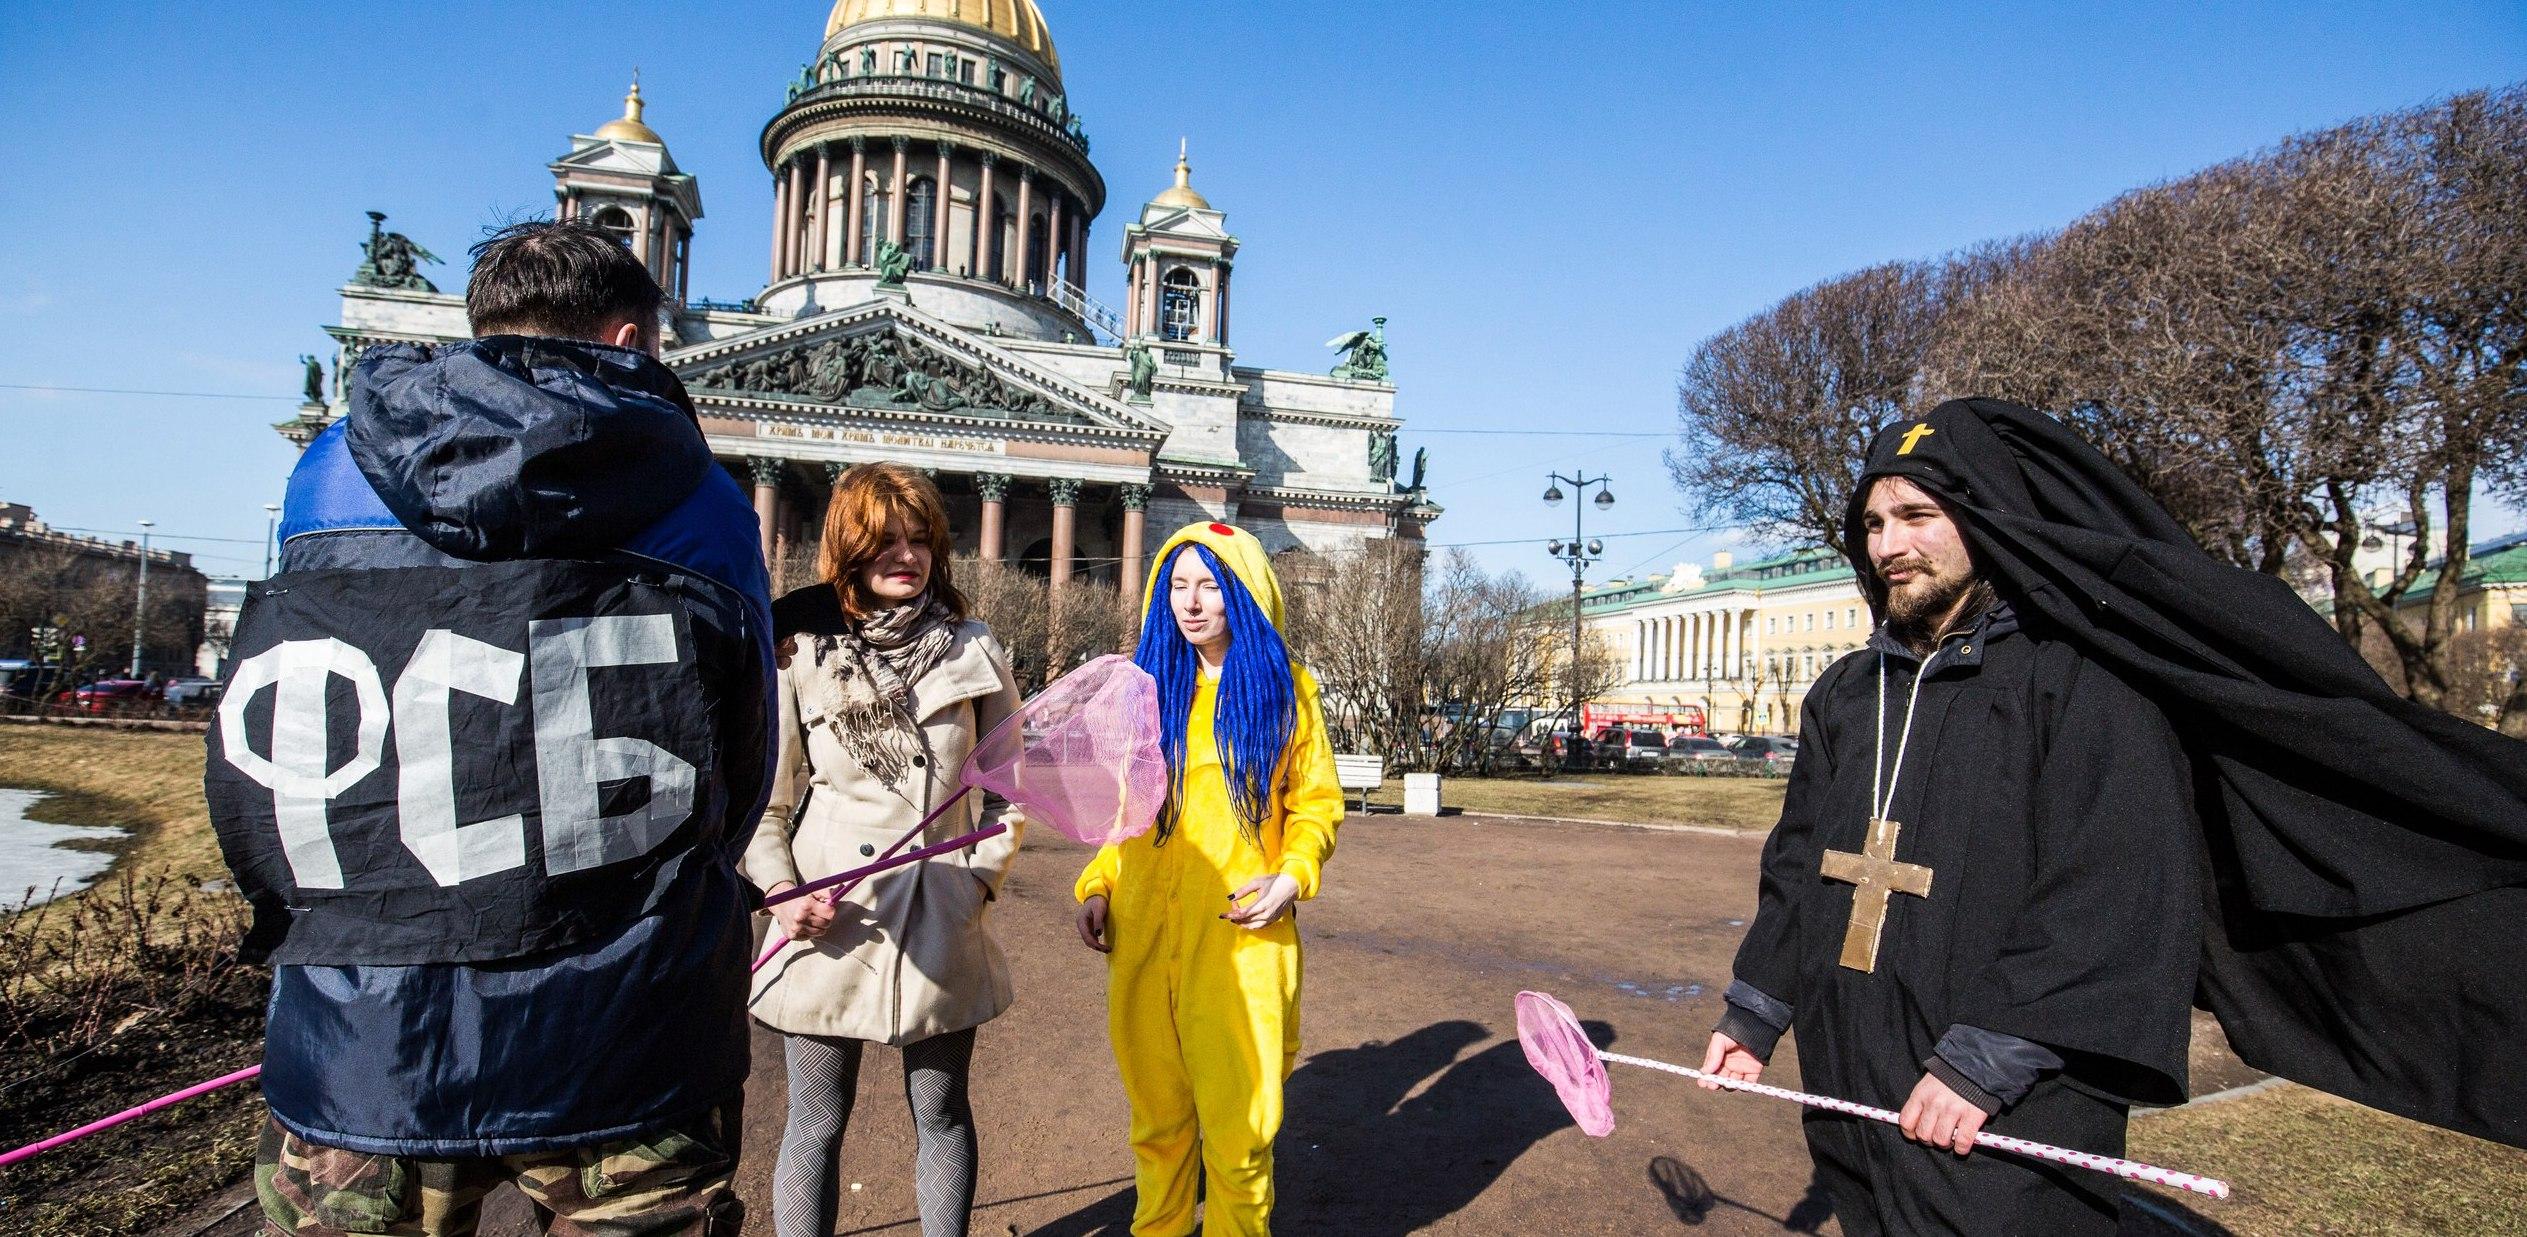 Акция поддержки Руслана Соколовского: ряженый священник гоняется за Пикачу вокруг Исаакиевского собора